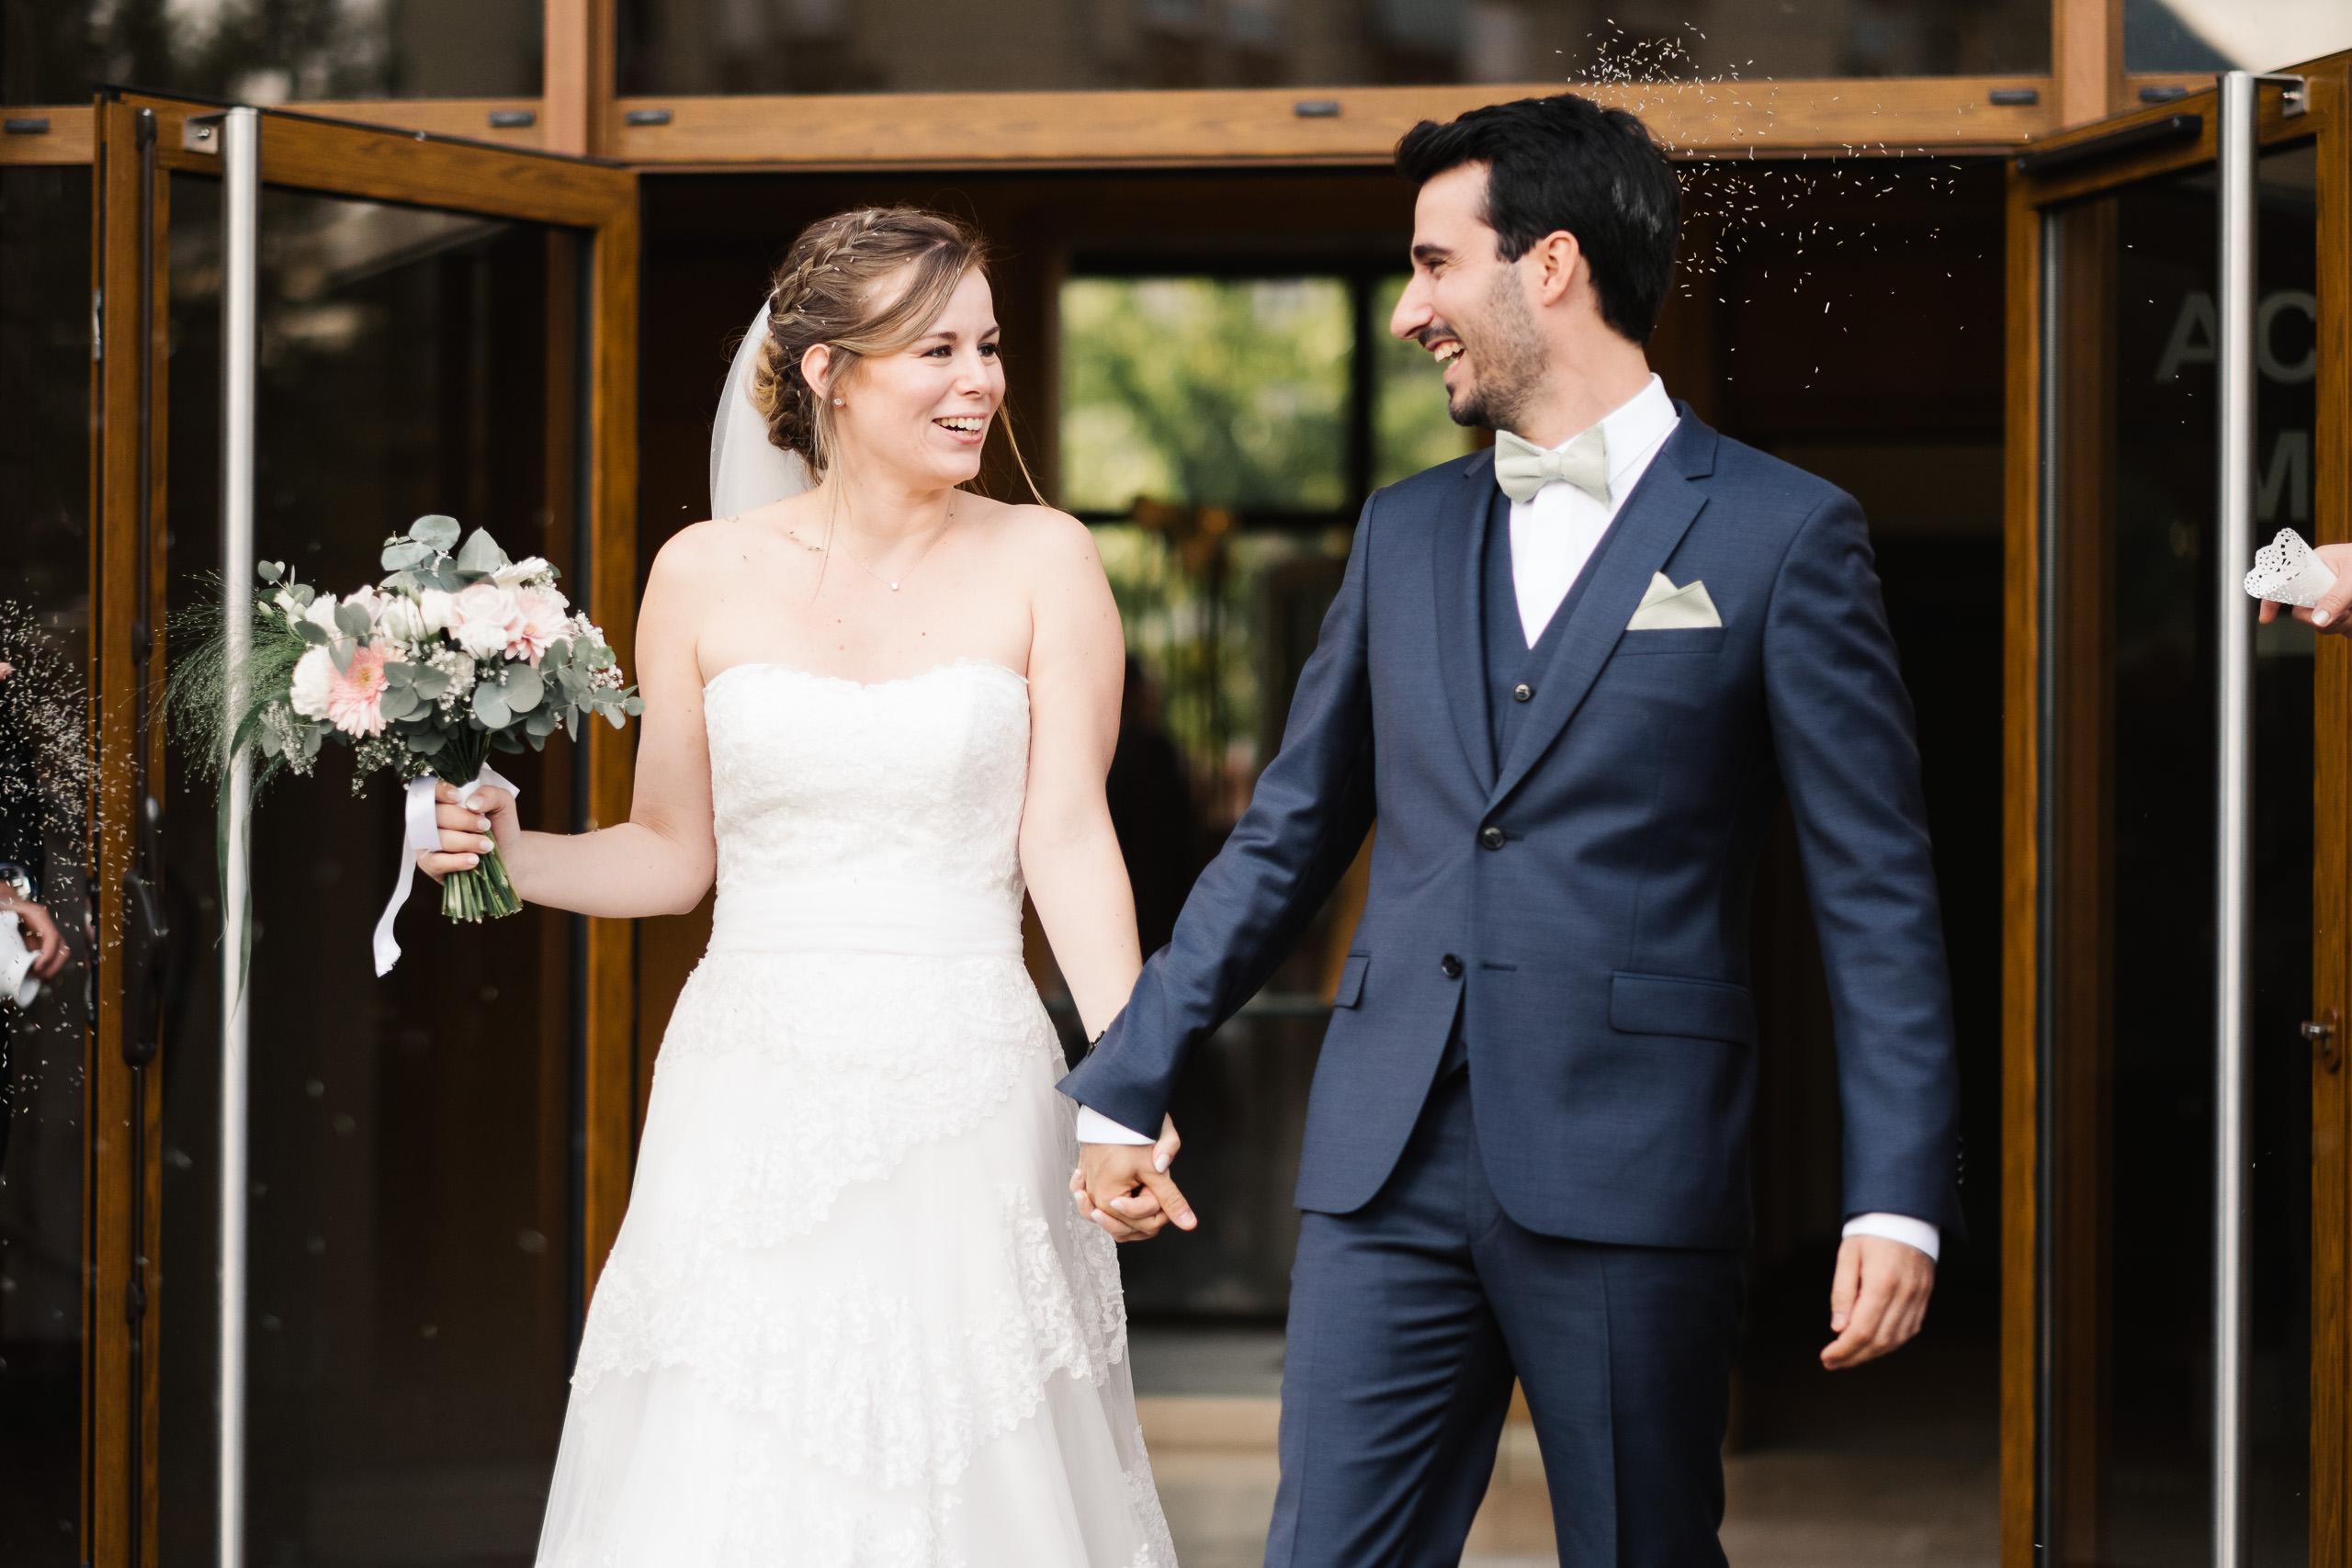 Mariage à la mairie de Cognin - Lucile & Florent